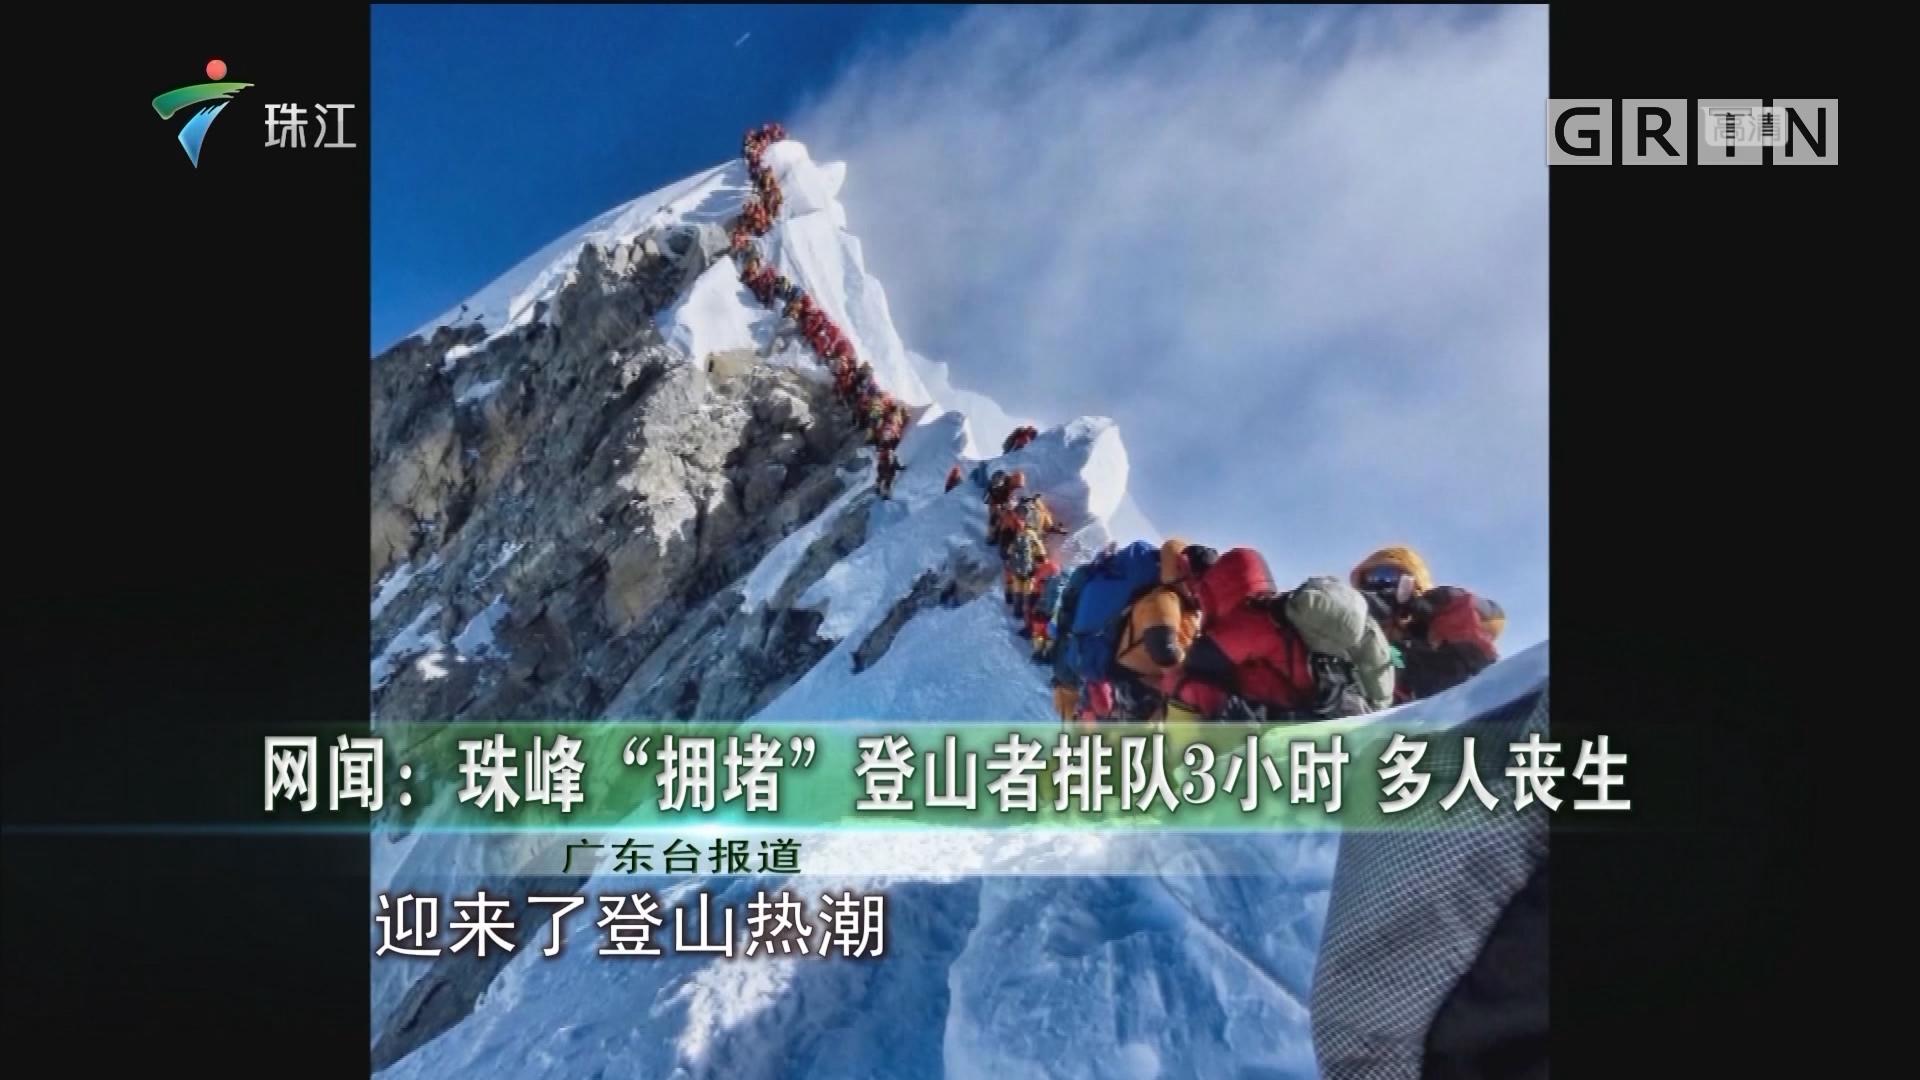 """网闻:珠峰""""拥堵""""登山者排队3小时 多人丧生"""